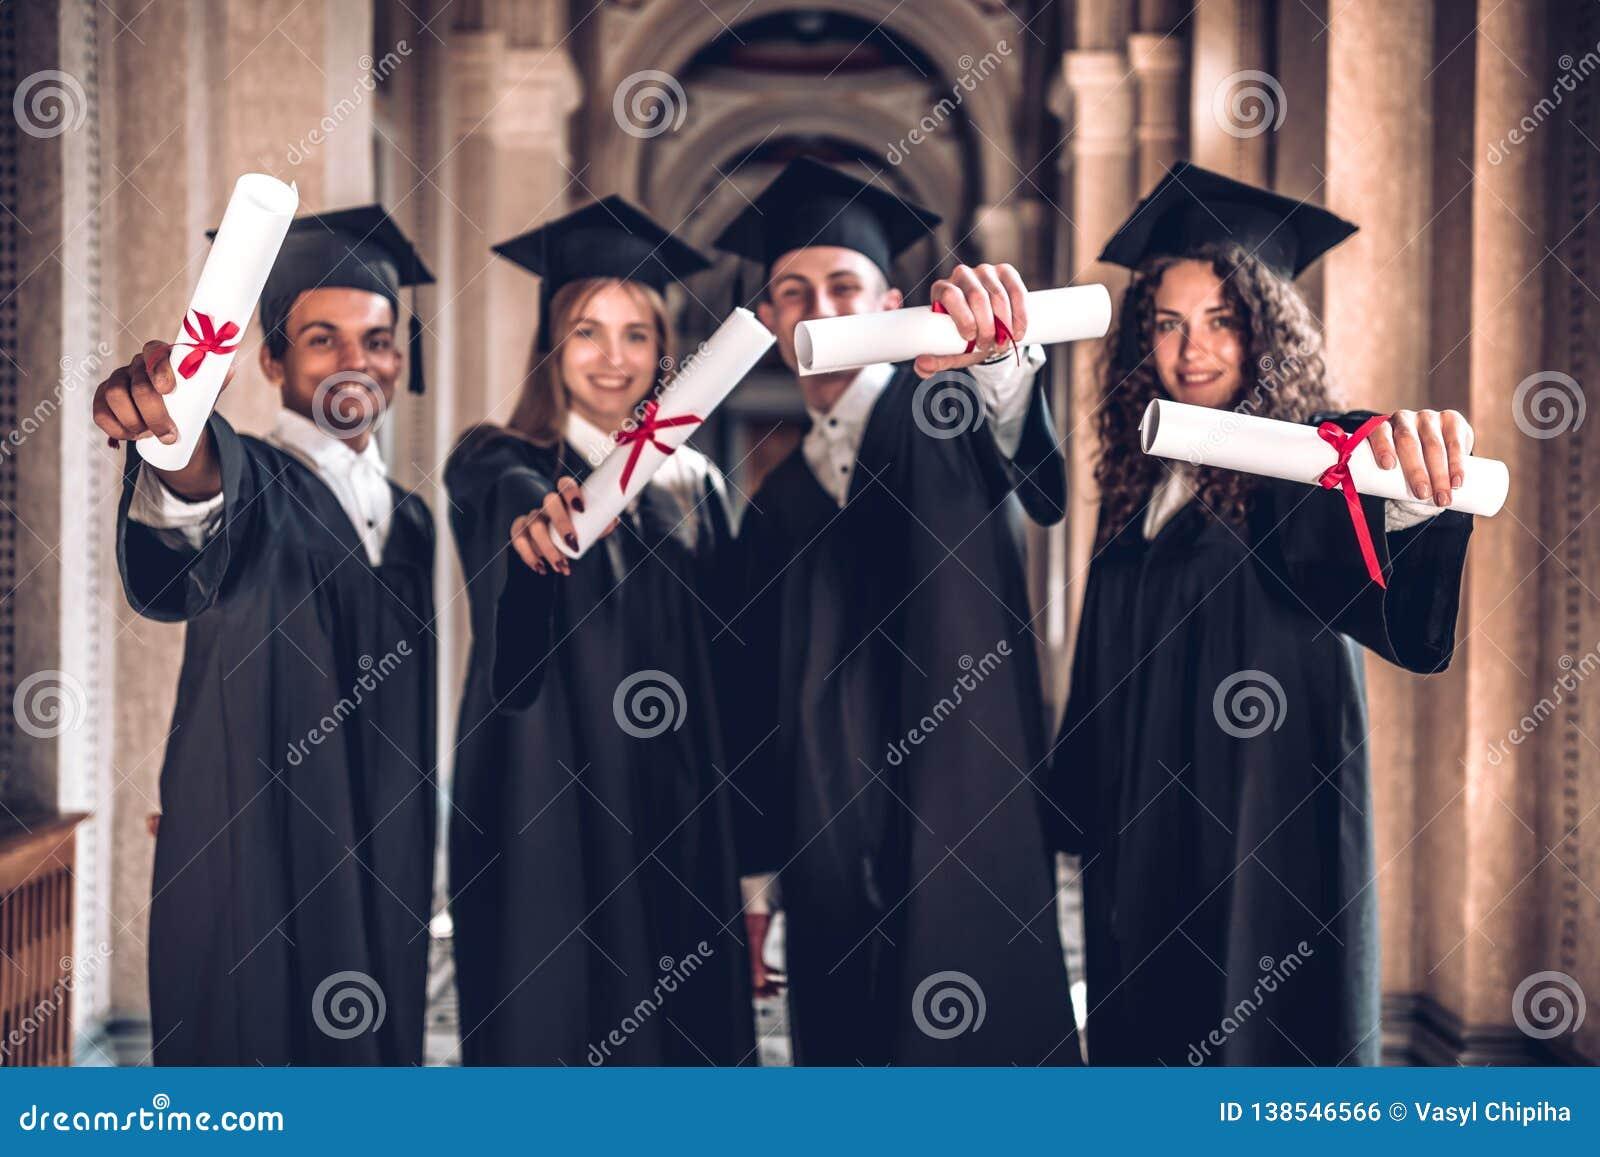 Nós trabalhamos duramente e obtivemos resultados! Grupo de graduados de sorriso que mostram seus diplomas, estando junto no salão